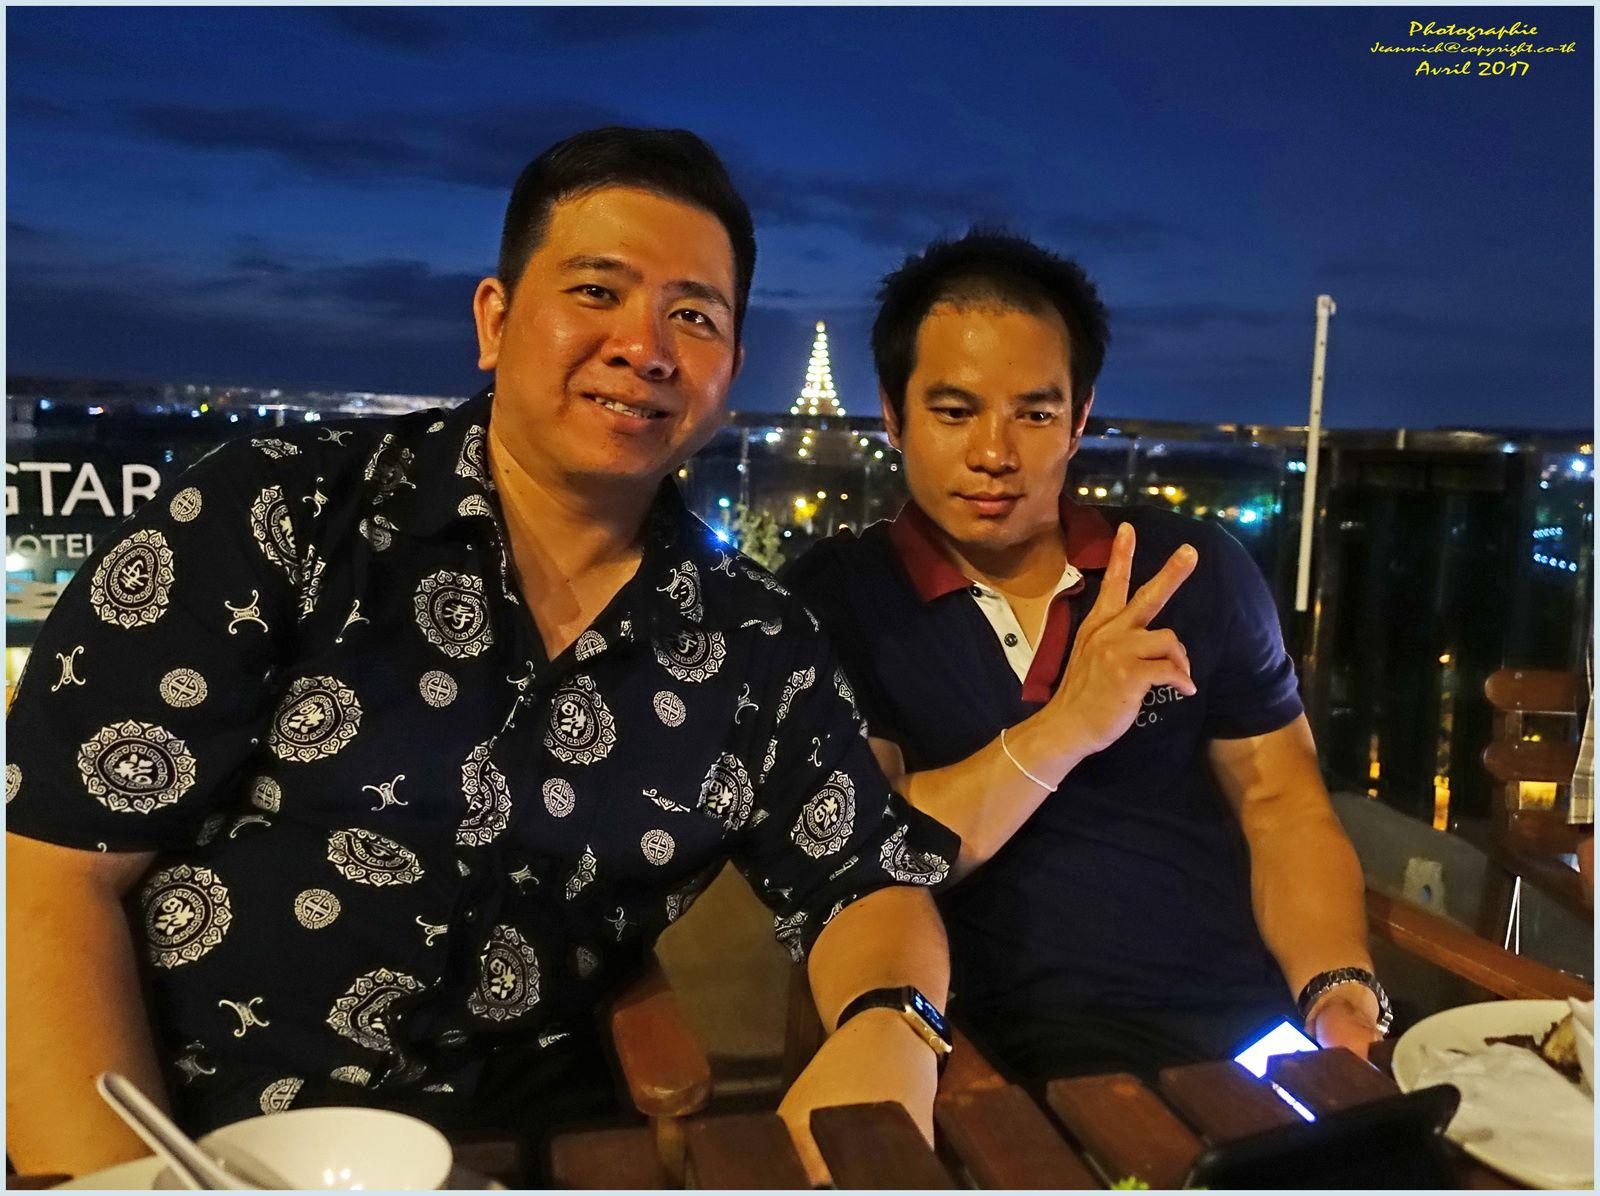 L'anniversaire de Paul en Thaïlande (Khon Kaen)